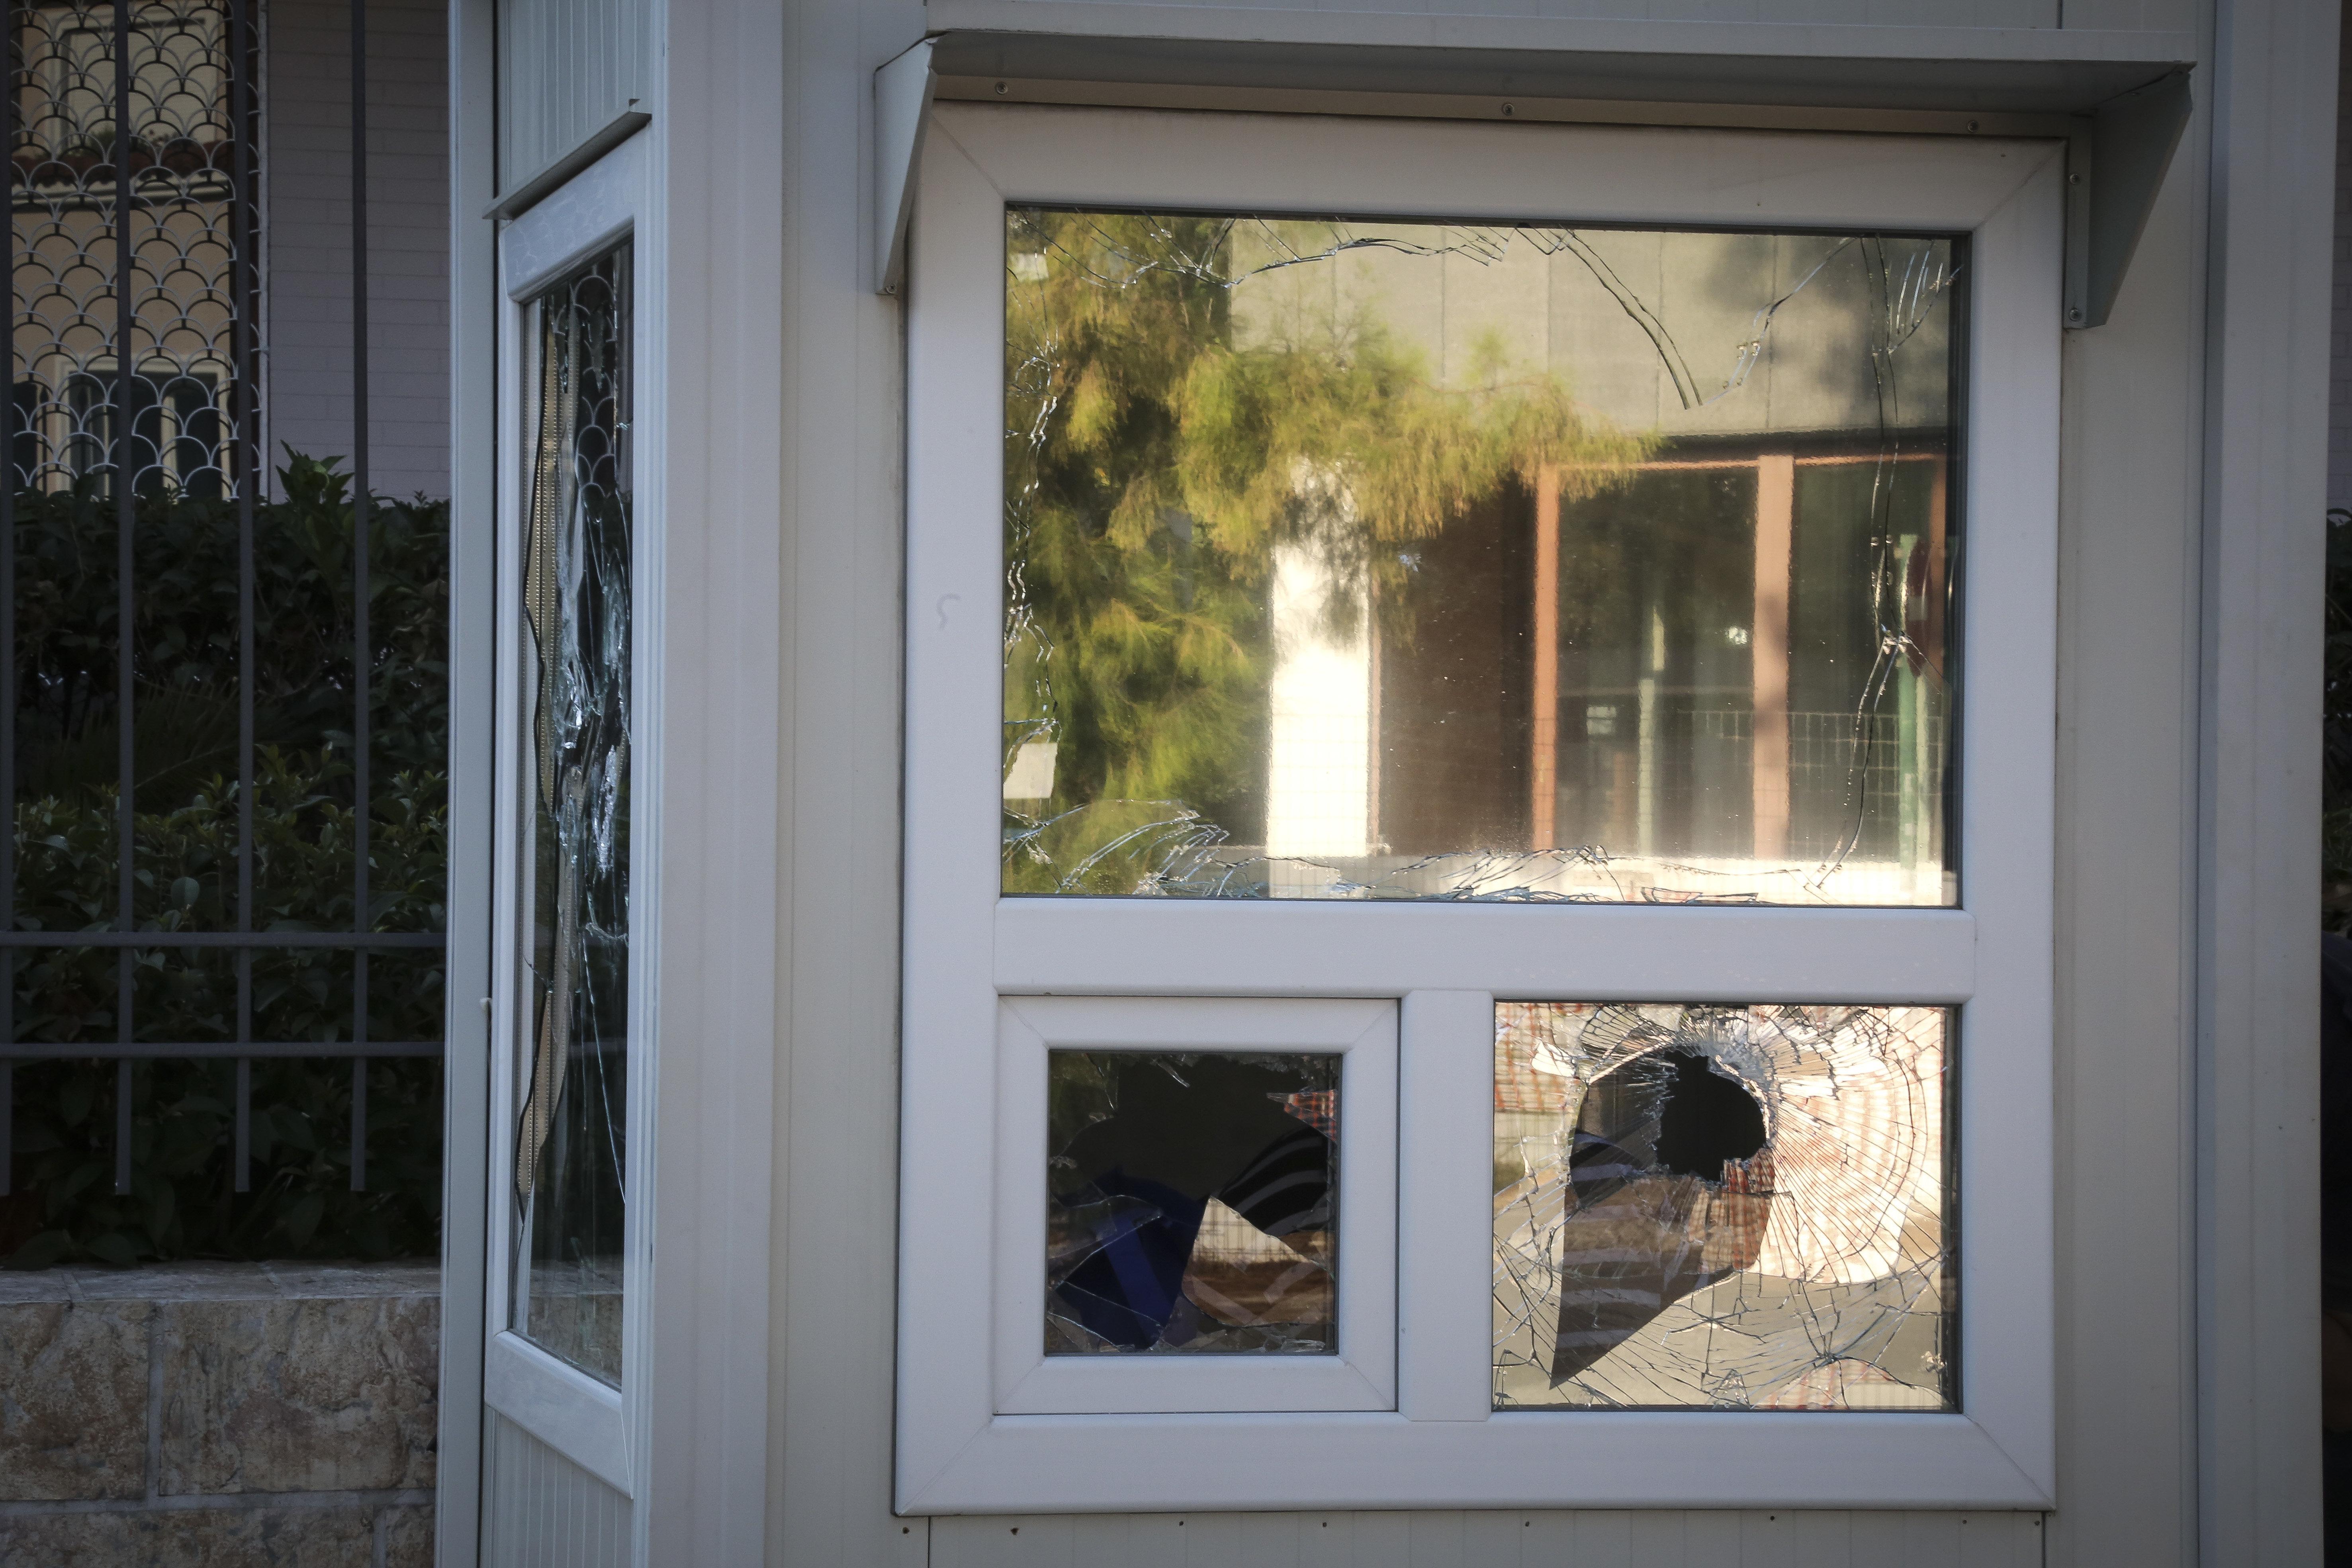 Ακυρώθηκε η διαταγή μετάθεσης του αστυνομικού που ήταν στην πρεσβεία του Ιράν στην επίθεση Ρουβίκωνα